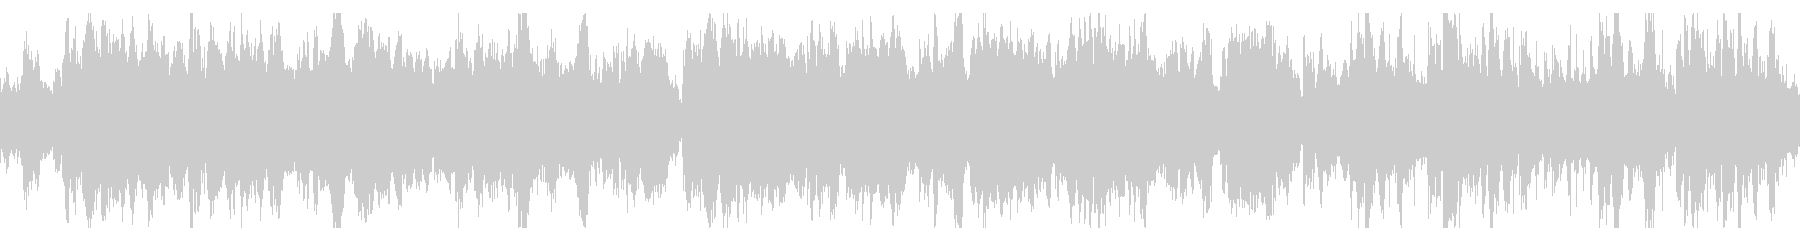 お化け・ダンジョン ホラーBGM/ループの未再生の波形